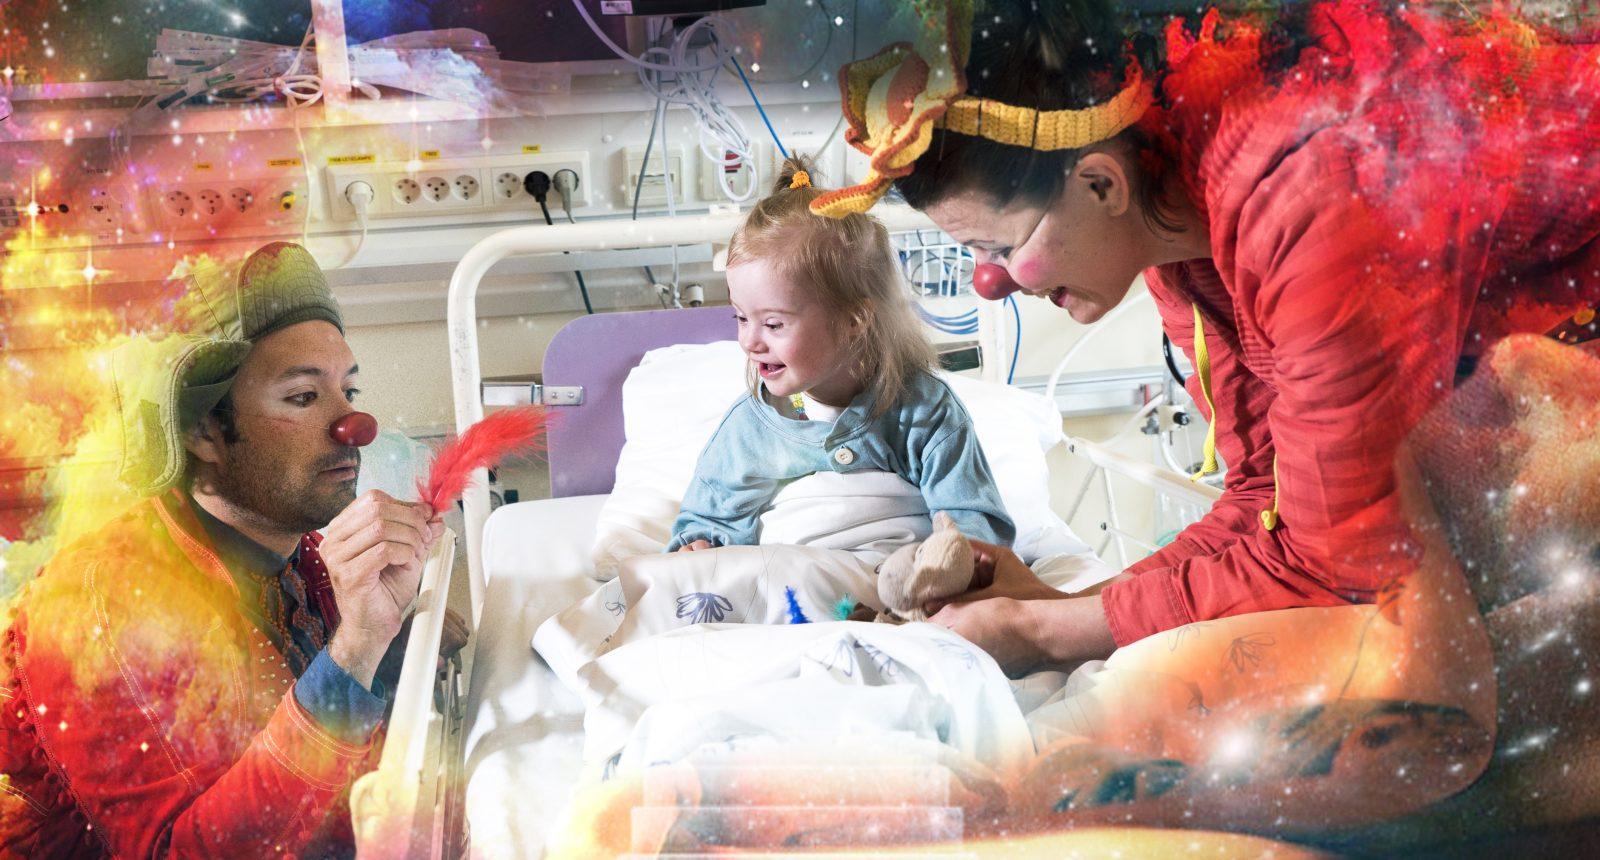 Sykehusklovnenens drømmereiser, en liten jente i sykeseng blir tatt med i fantasiverden av to sykehusklovner